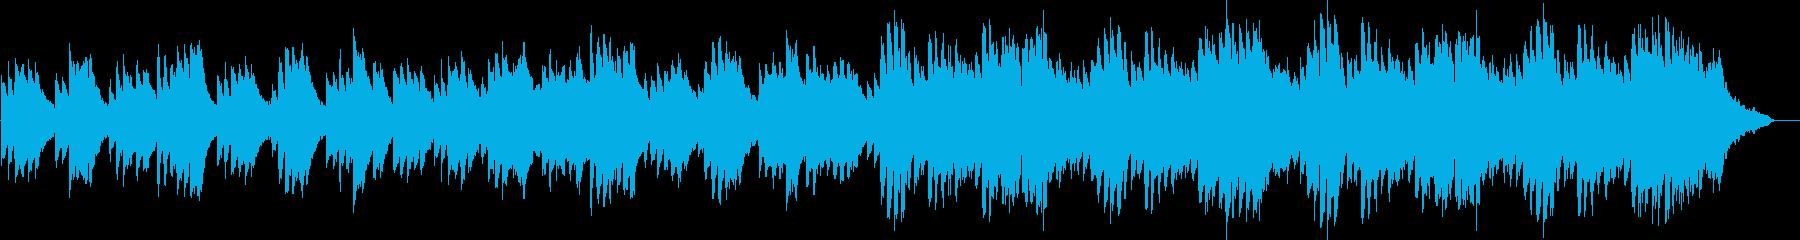 ピアノを主体とした静かめのBGMの再生済みの波形